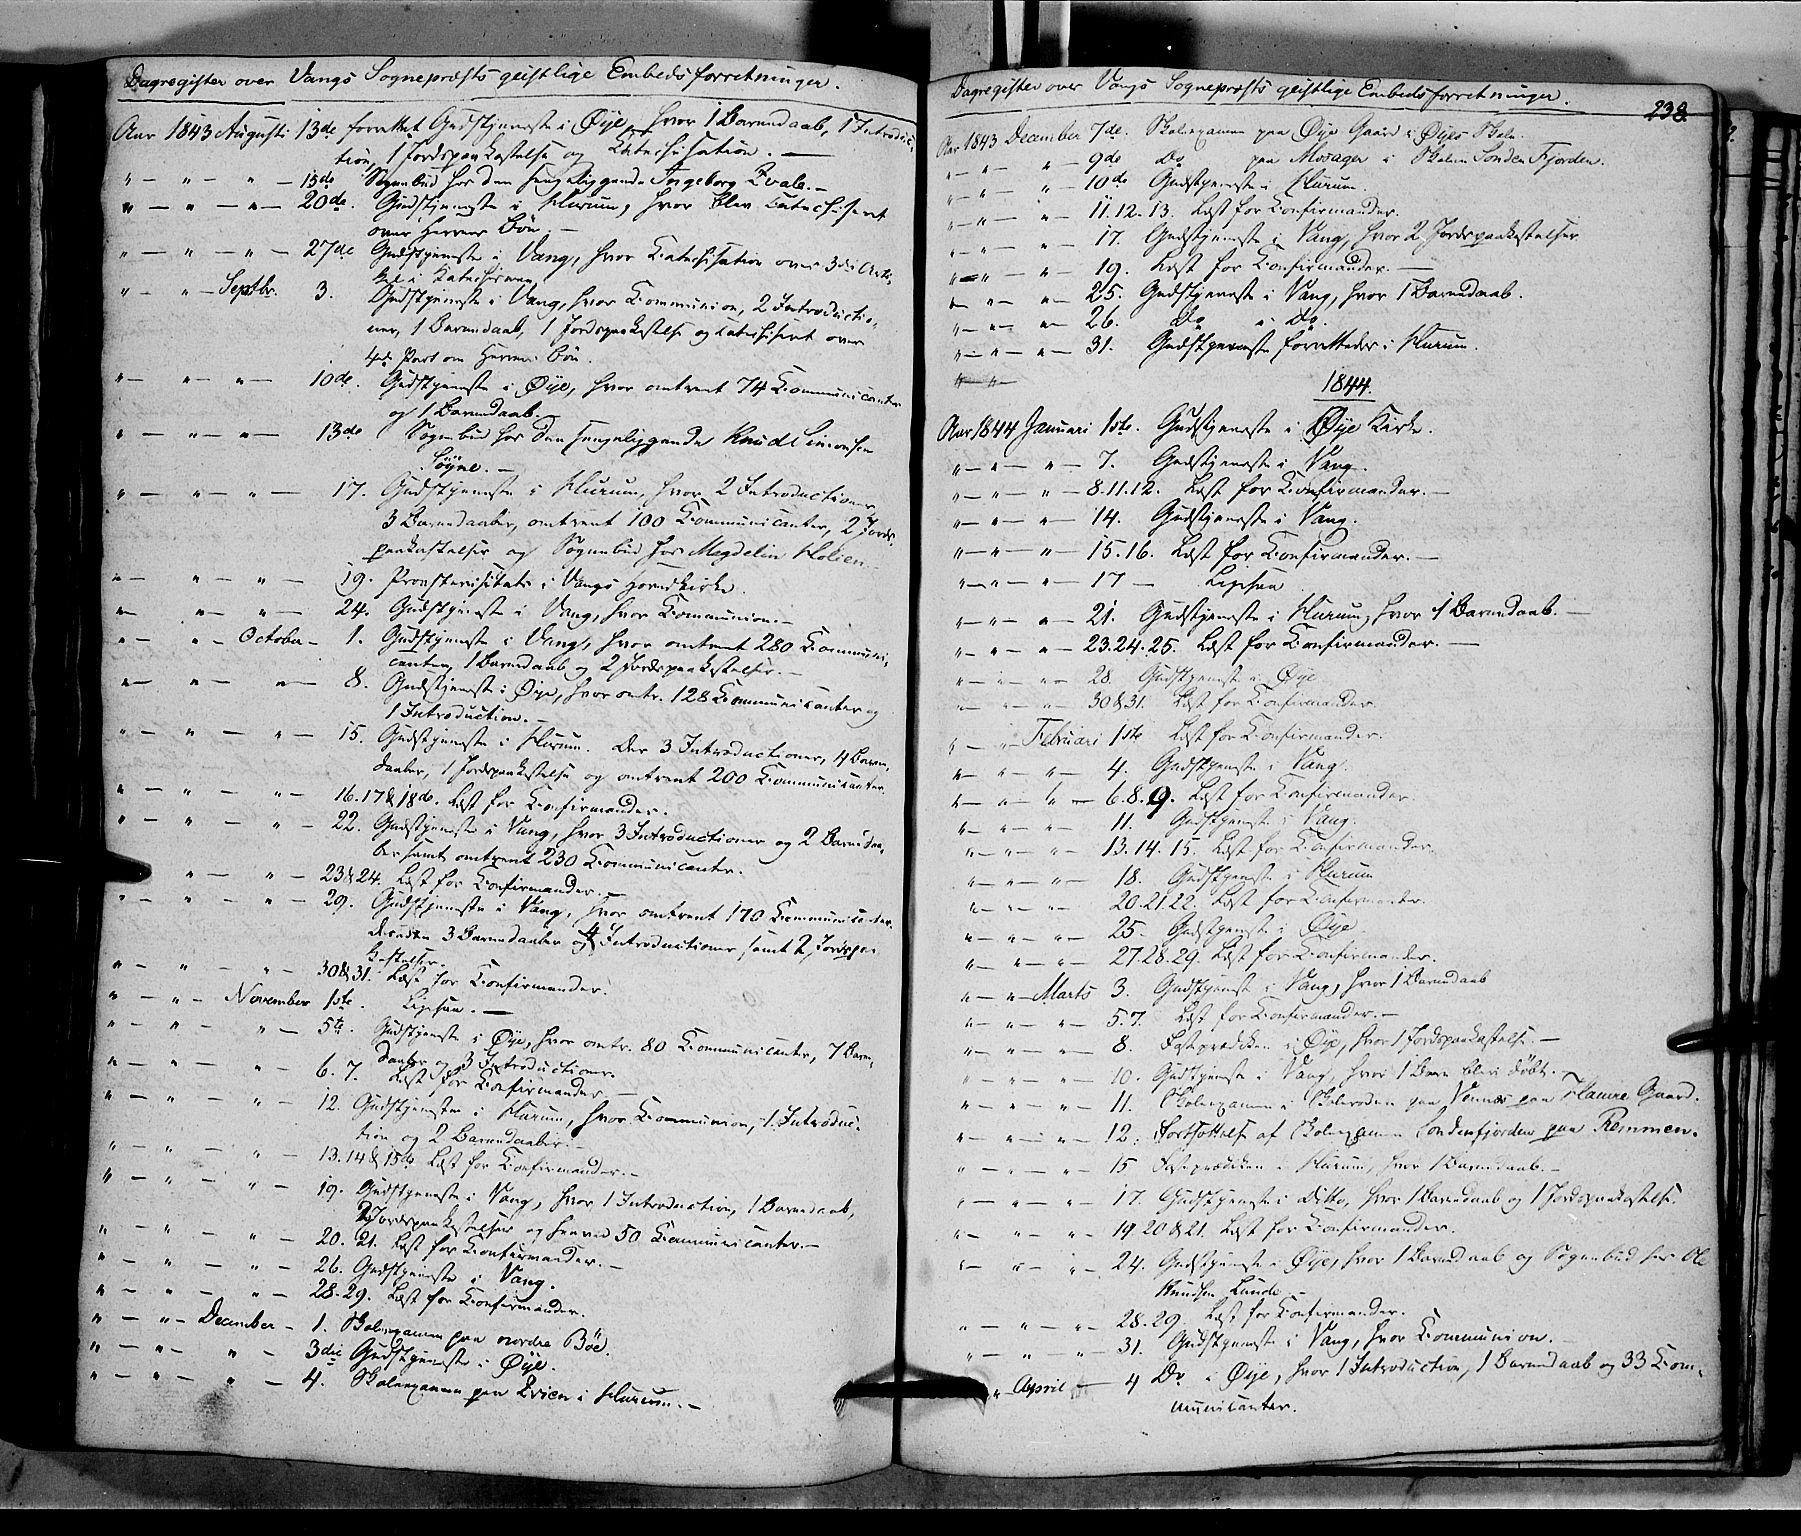 SAH, Vang prestekontor, Valdres, Ministerialbok nr. 5, 1831-1845, s. 238